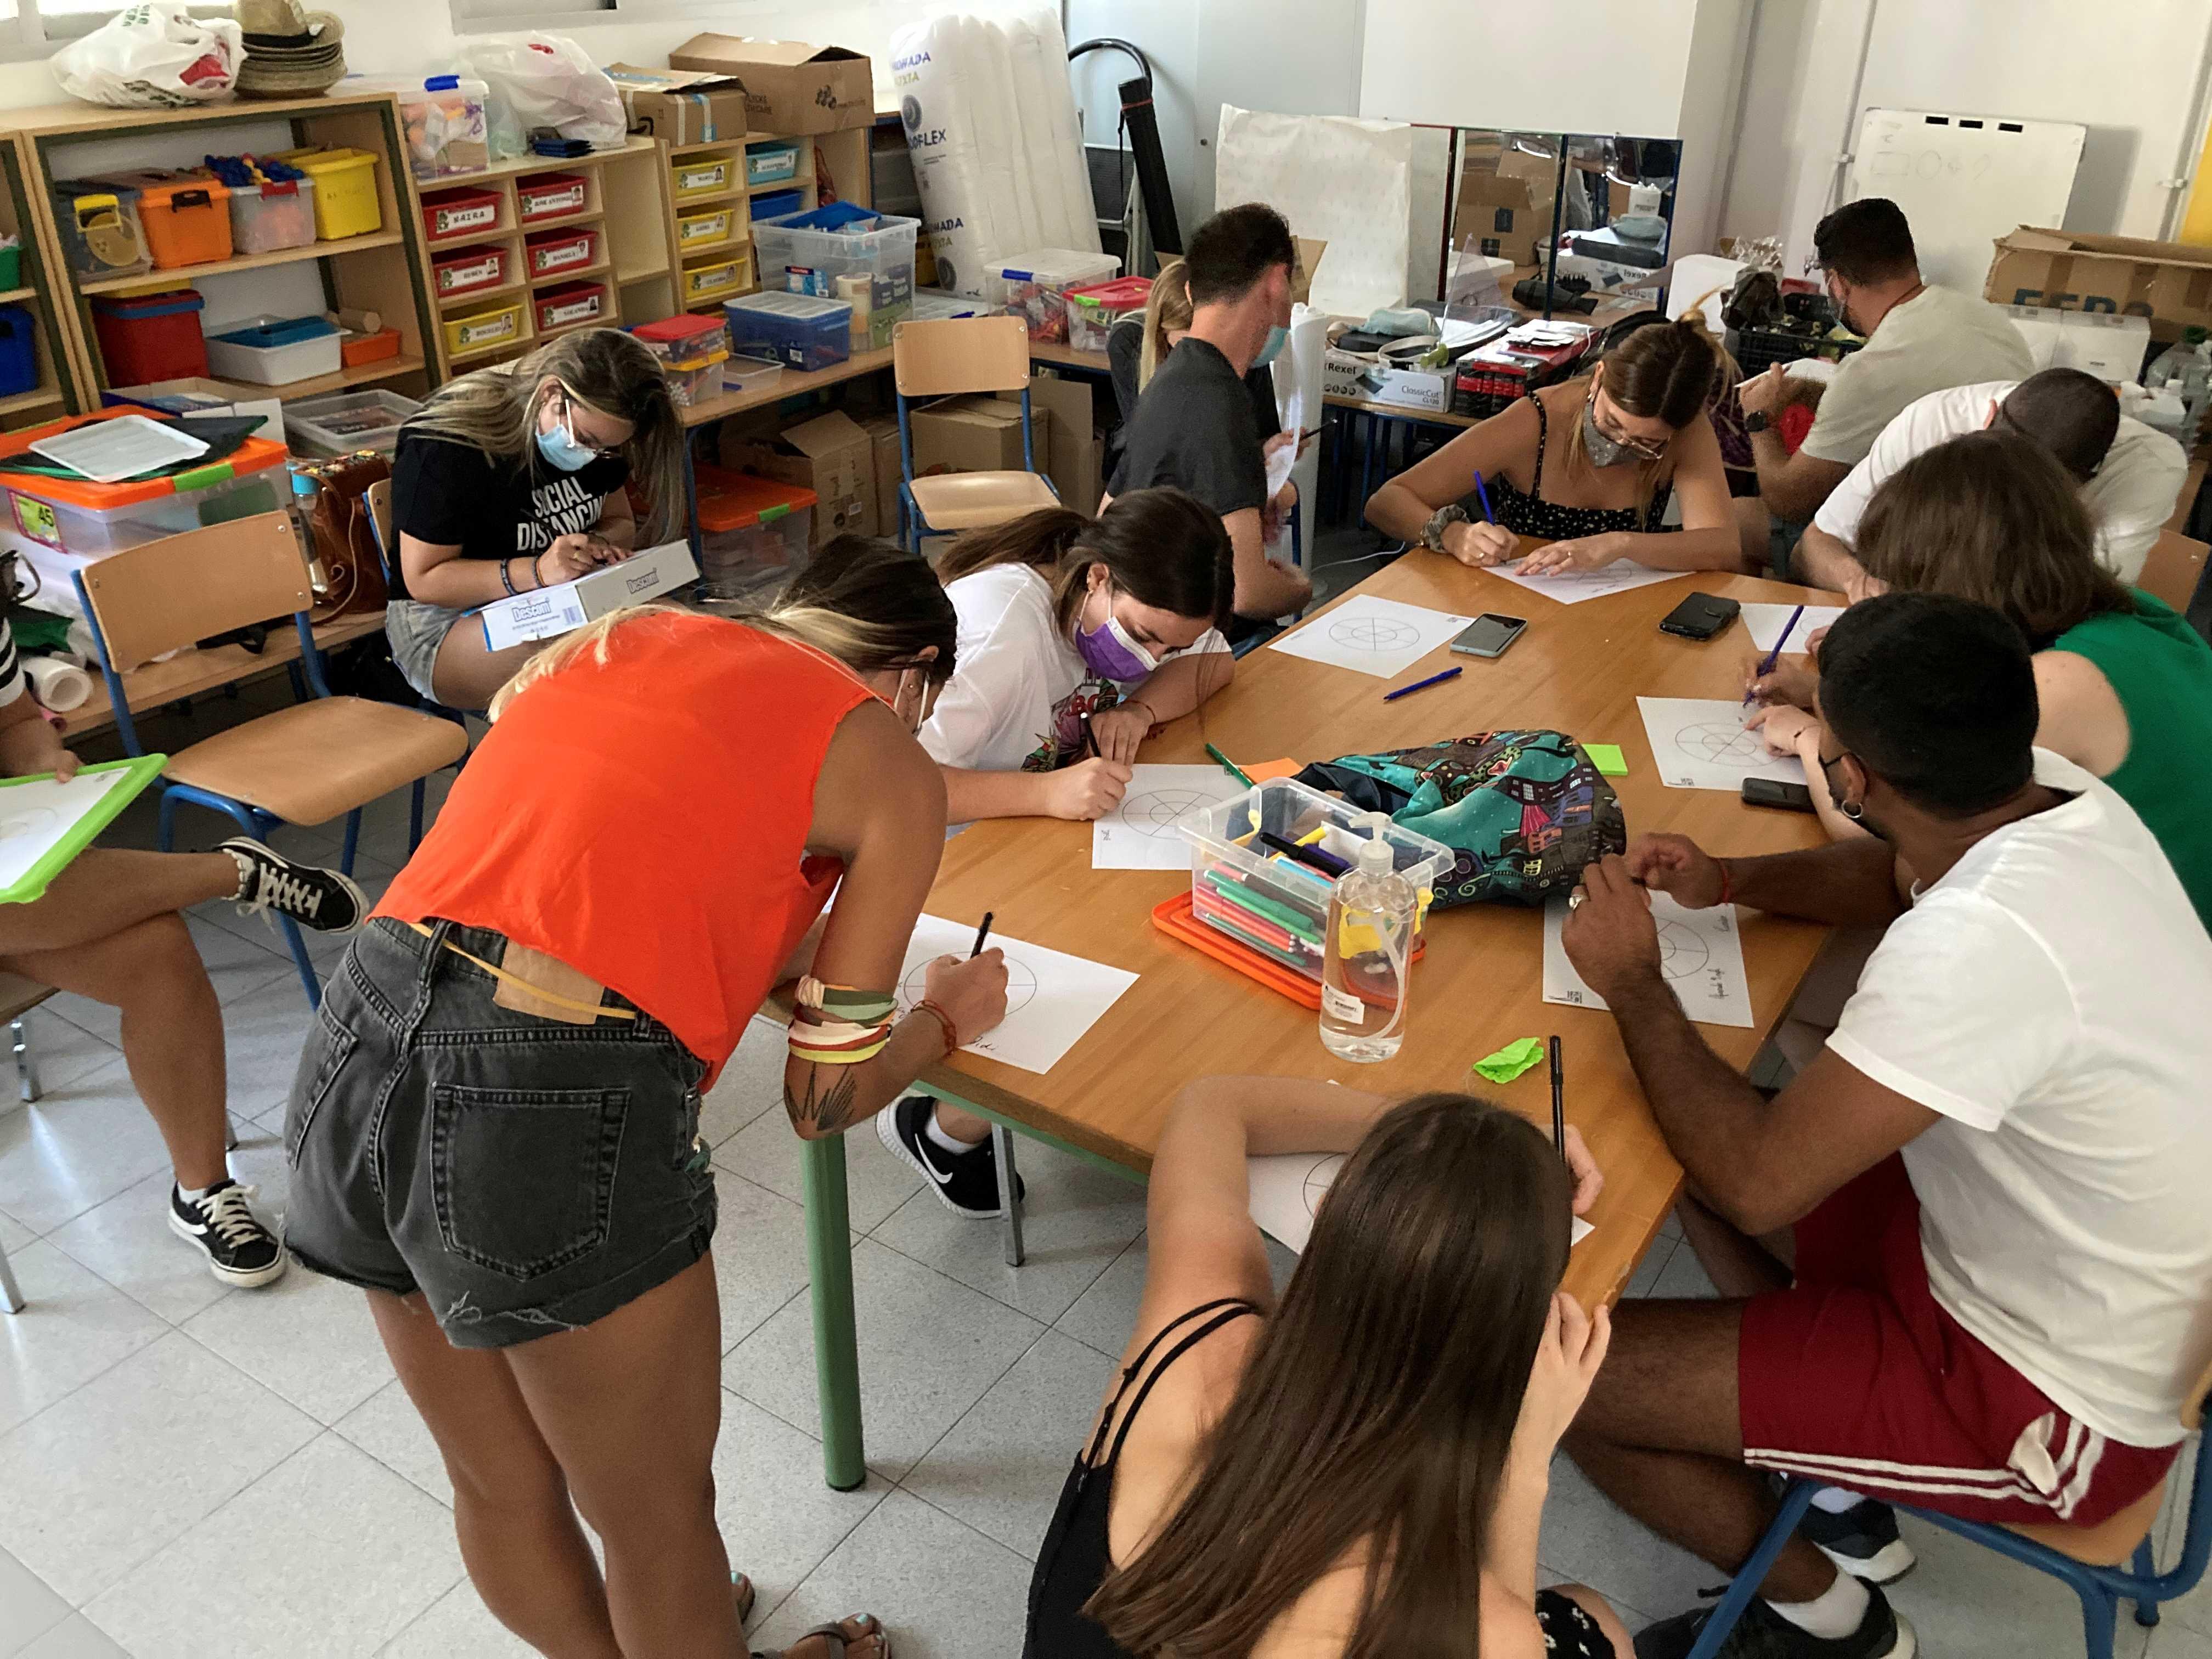 Diputación organiza un campamento internacional en Íllora para fomentar el voluntariado entre los jóvenes